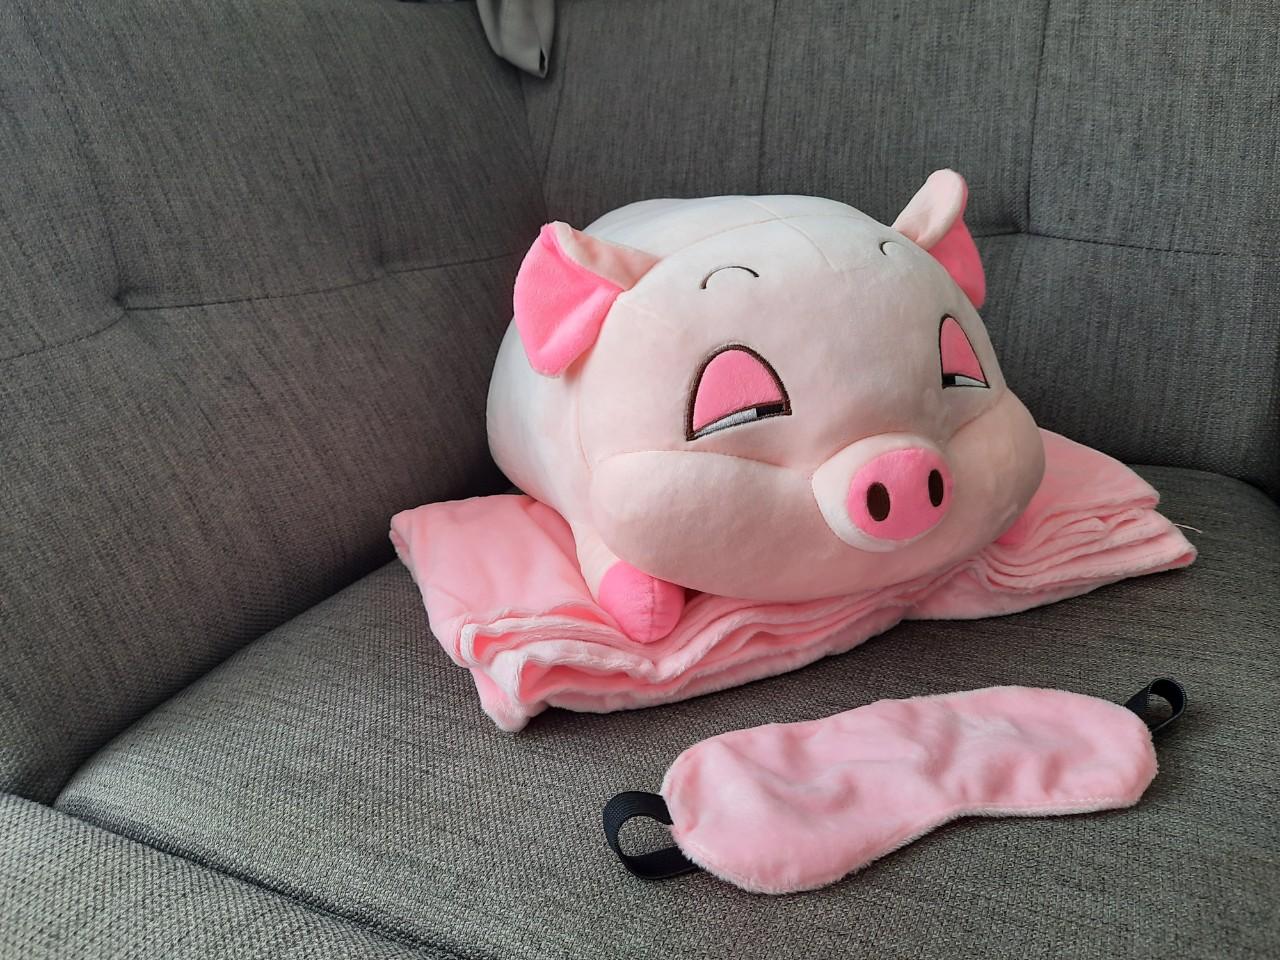 Gối chăn heo buồn ngủ hồng dùng trong văn phòng tặng kèm che mắt